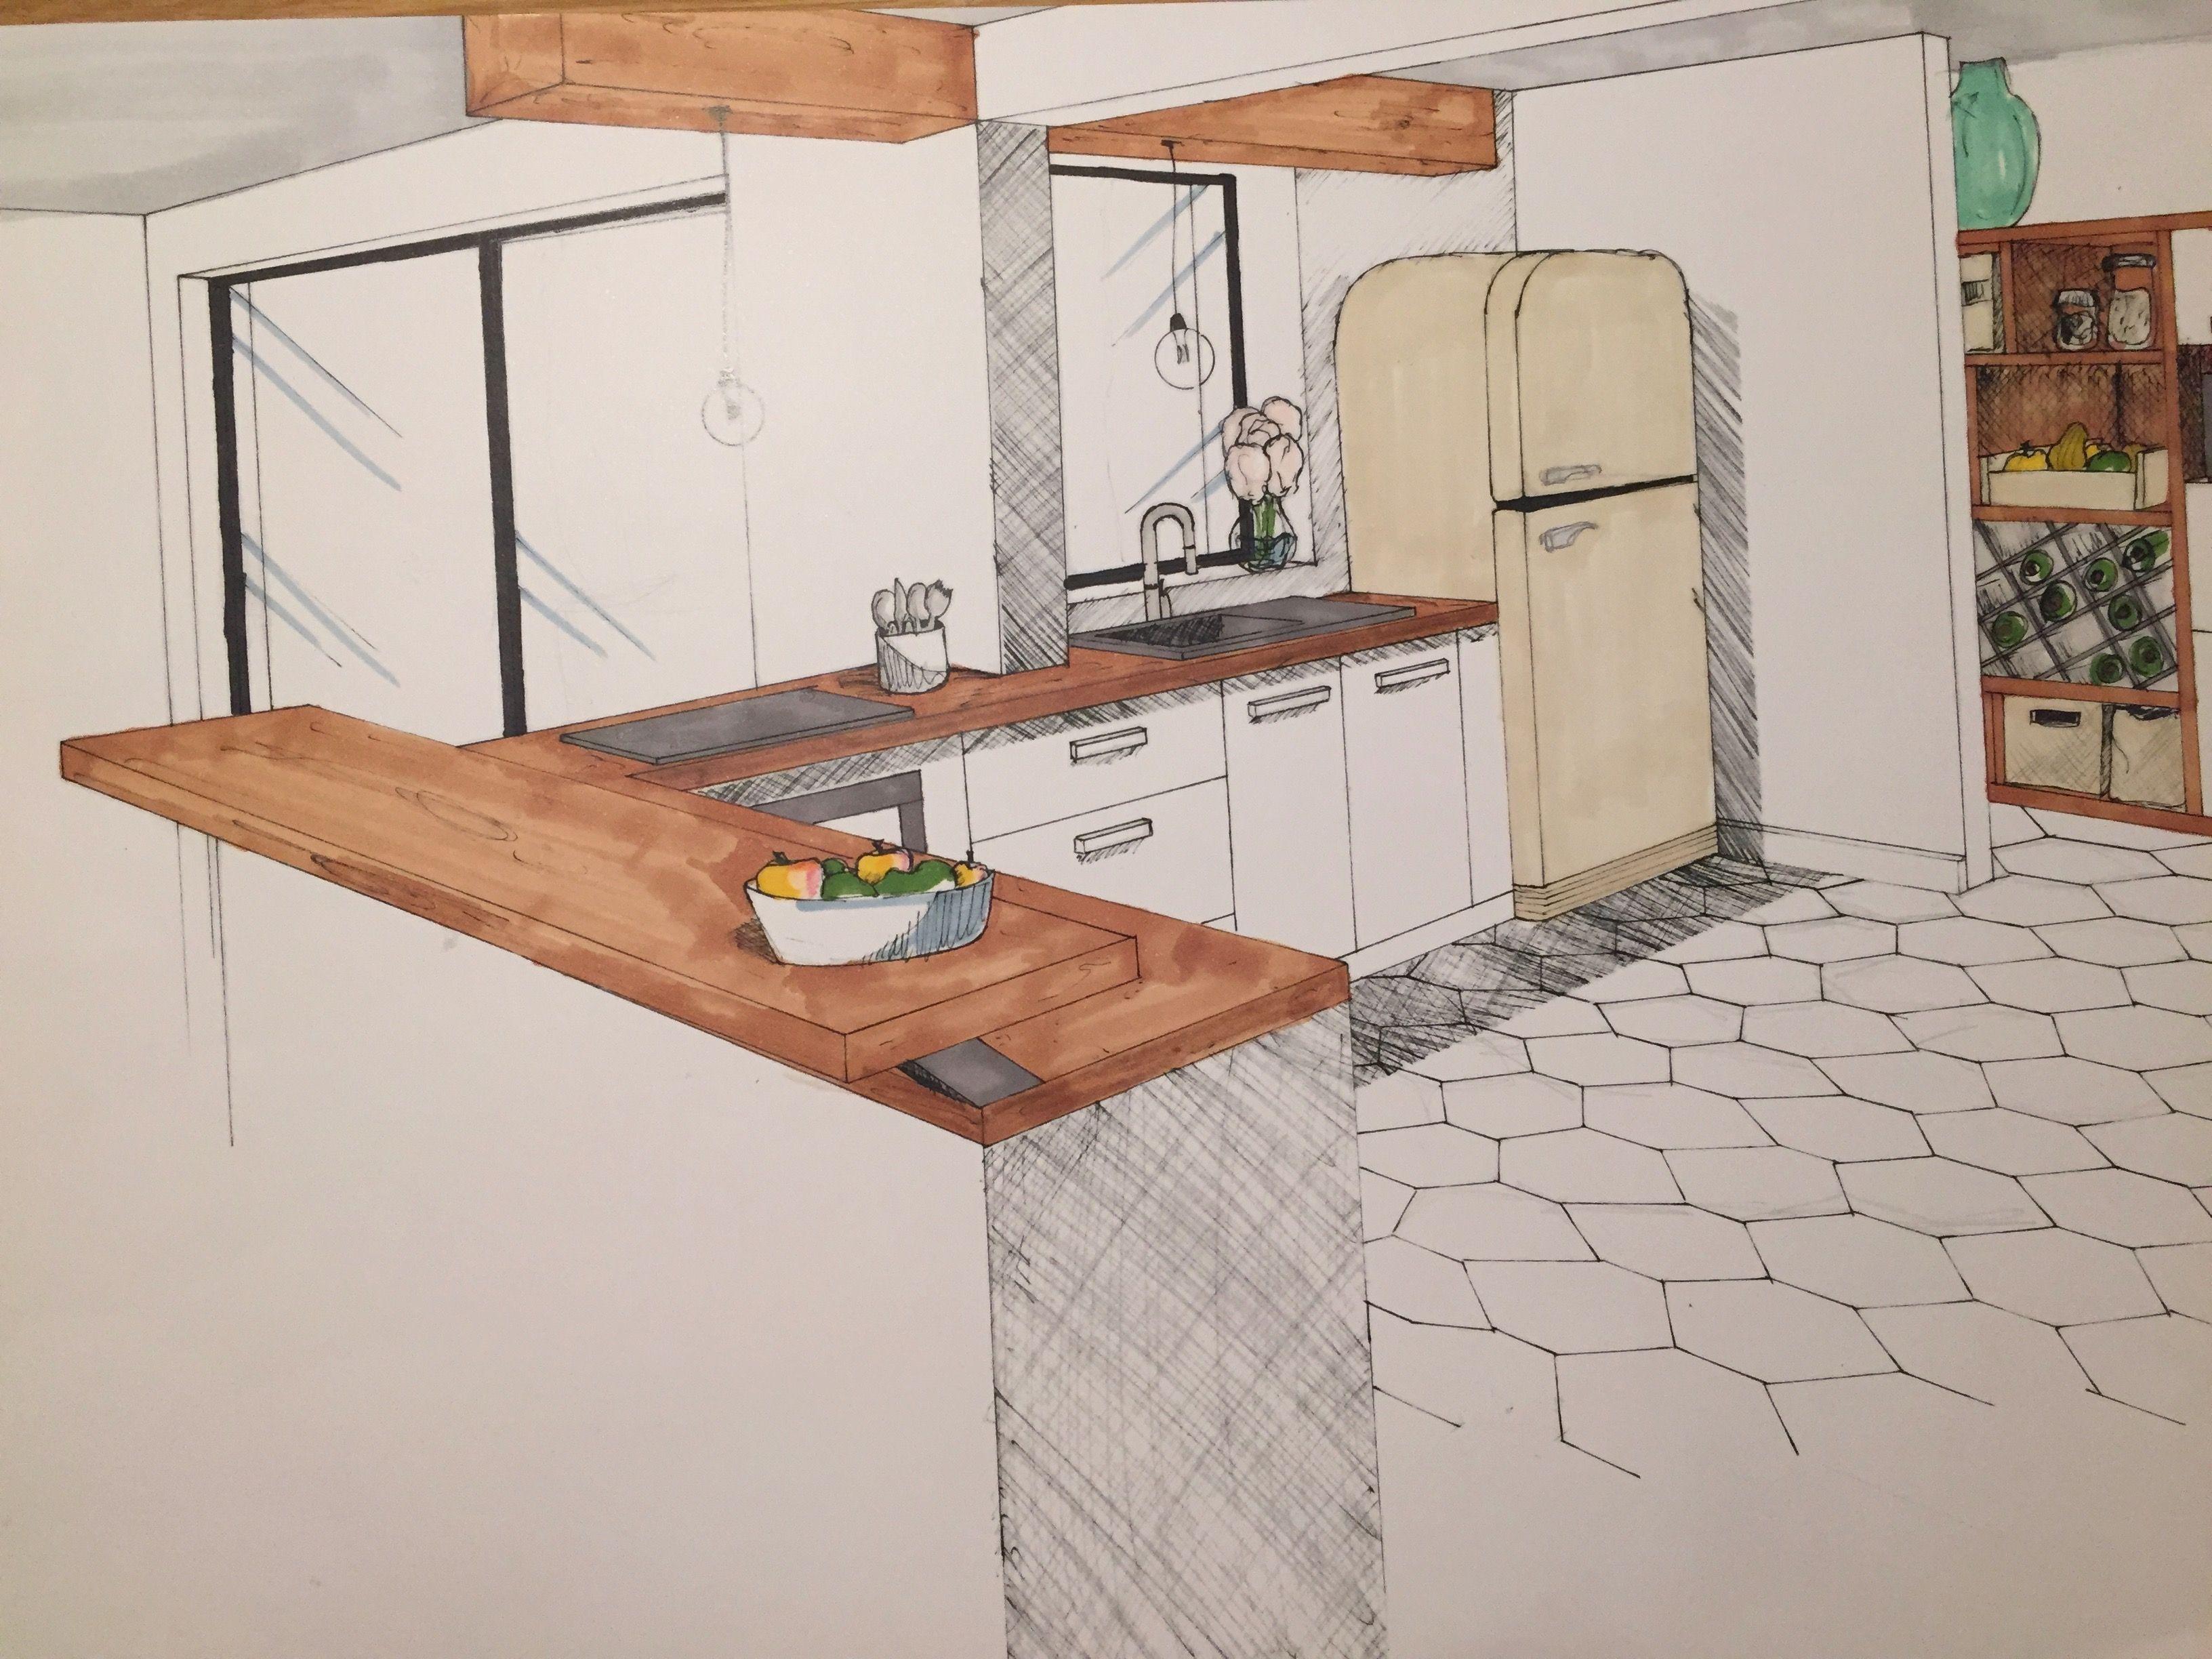 Projet De Fin D Annee Renovation Interieur Et Exterieur D Une Maison Bretonne Perspective Cuisine Renovation Interieur Architecture Interieure Maison